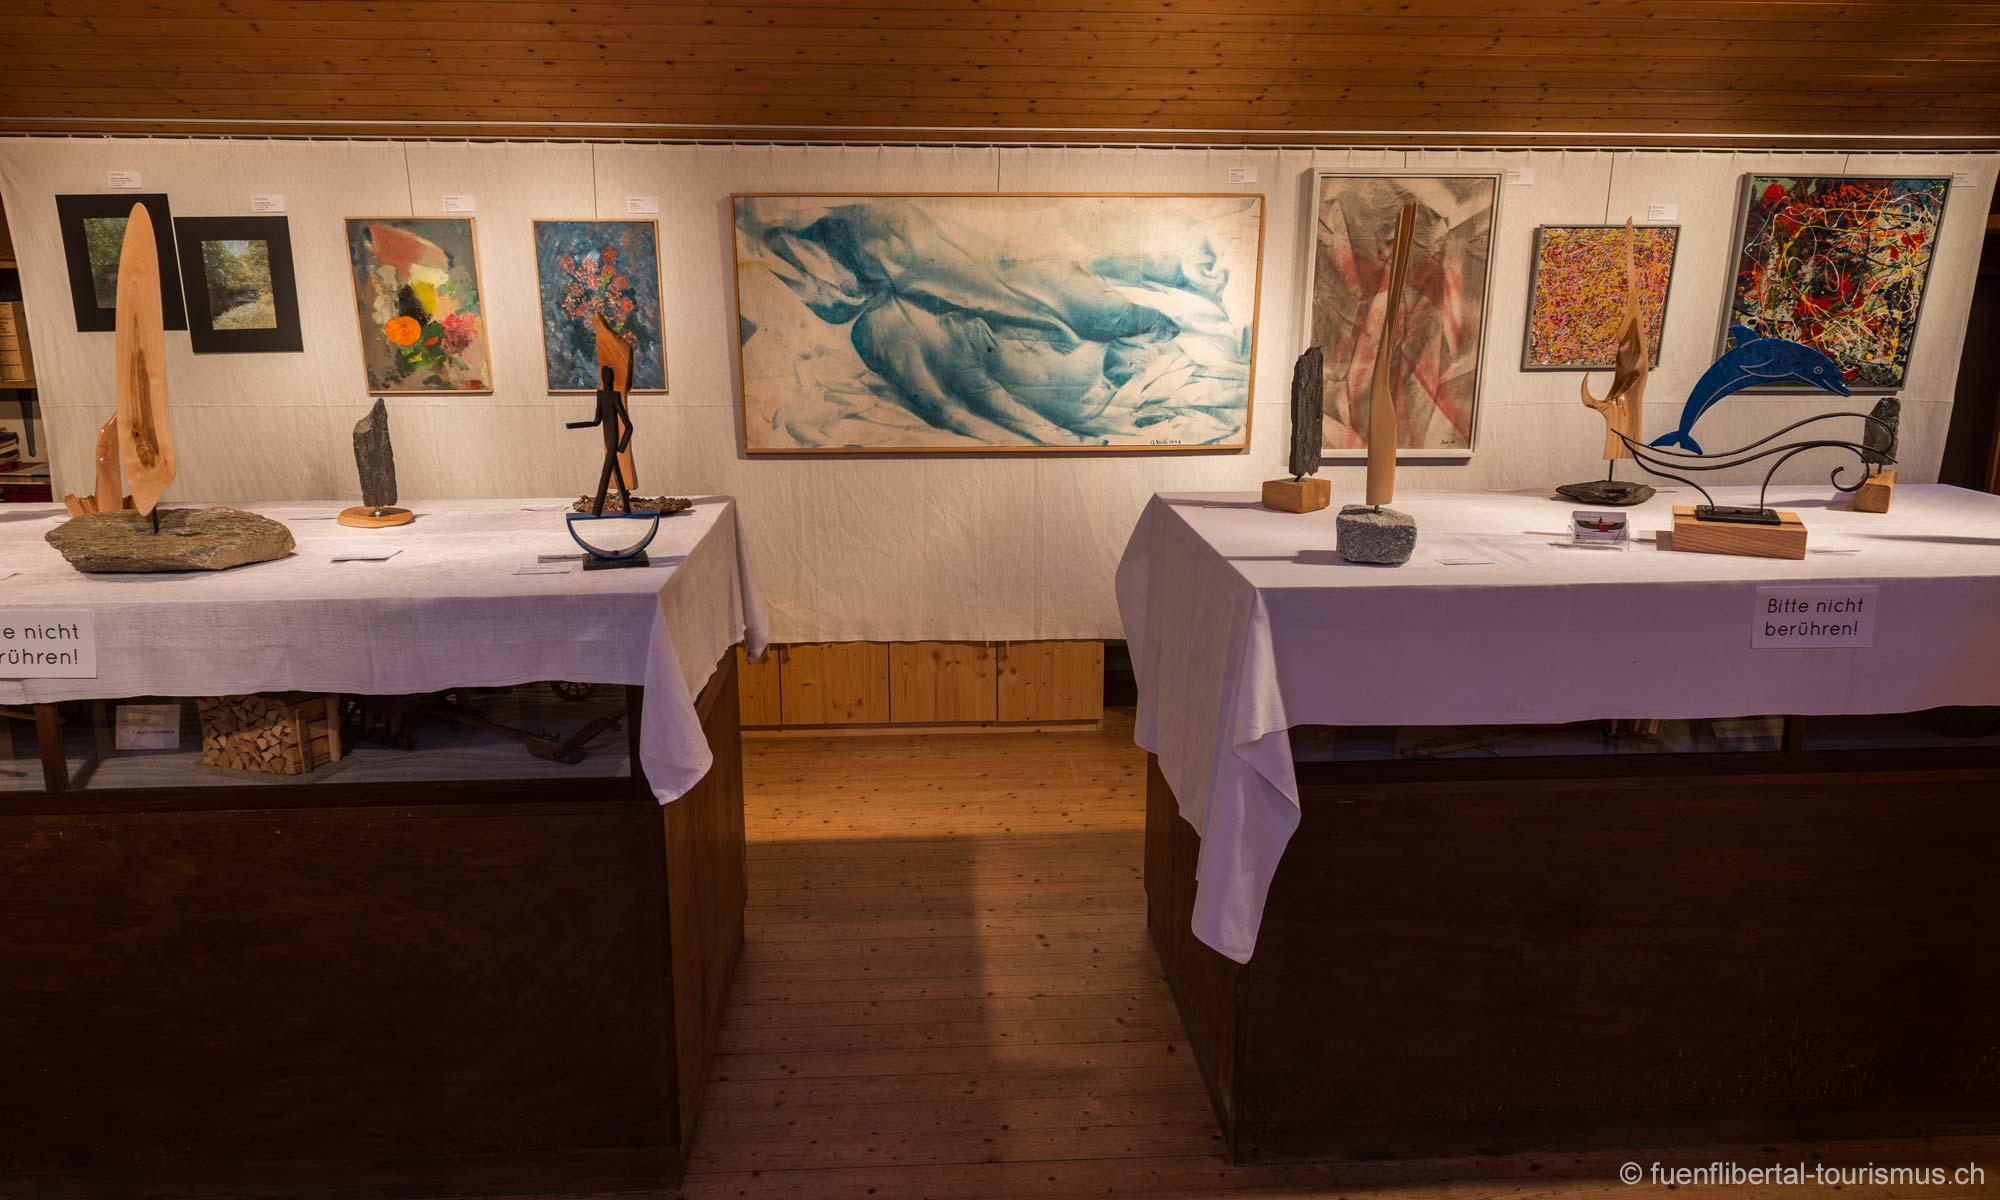 Kunstausstellung im Dorfmuseum Ziefen 2013